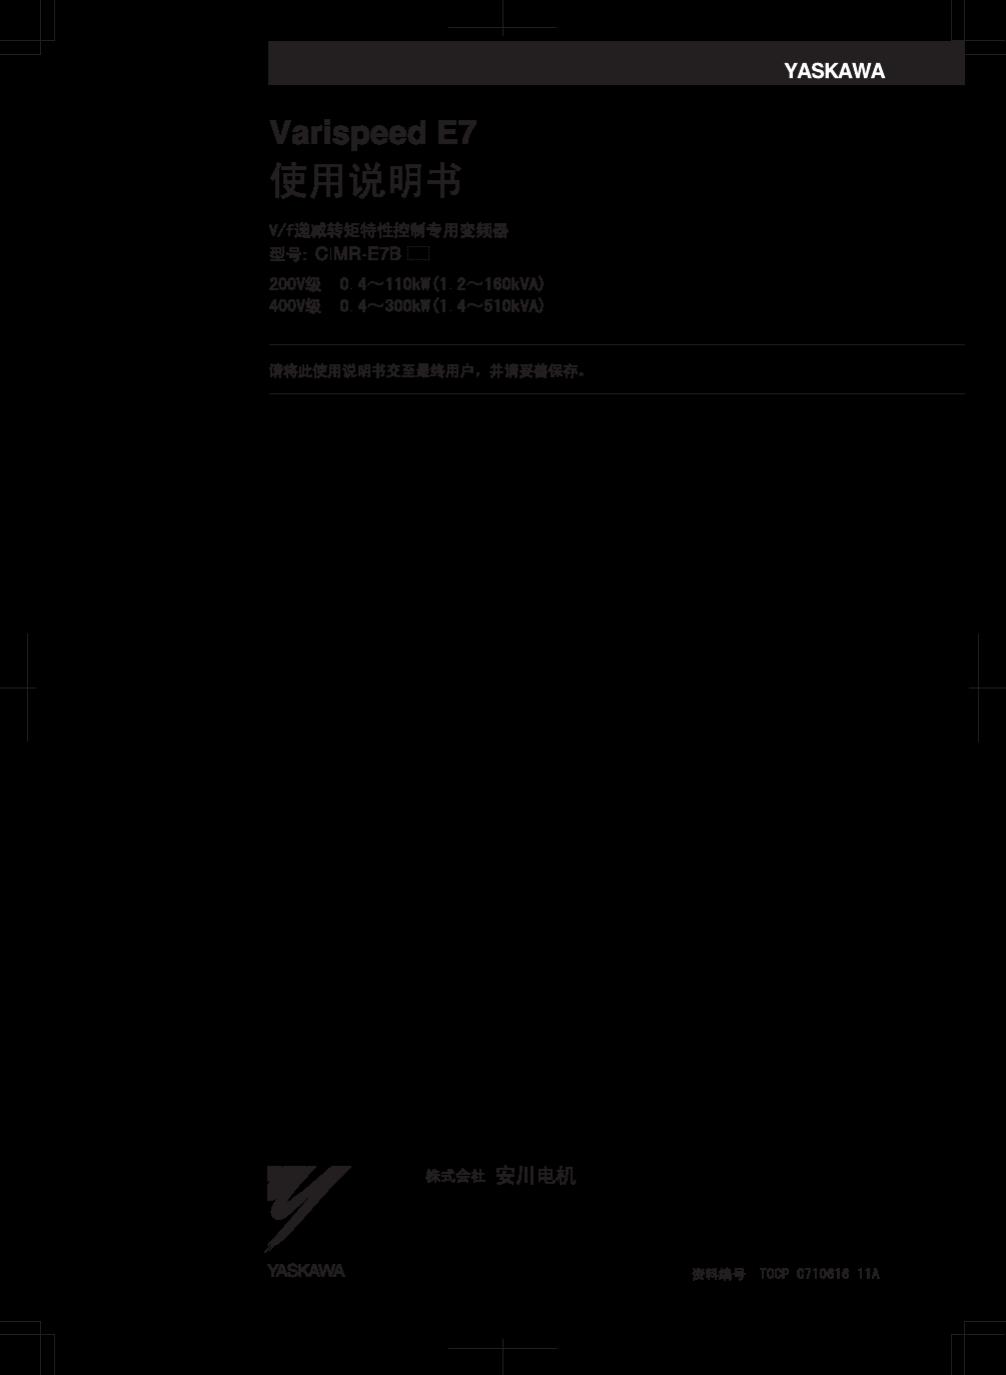 安川g7说明书下载_安川变频器E7使用说明书_文档下载